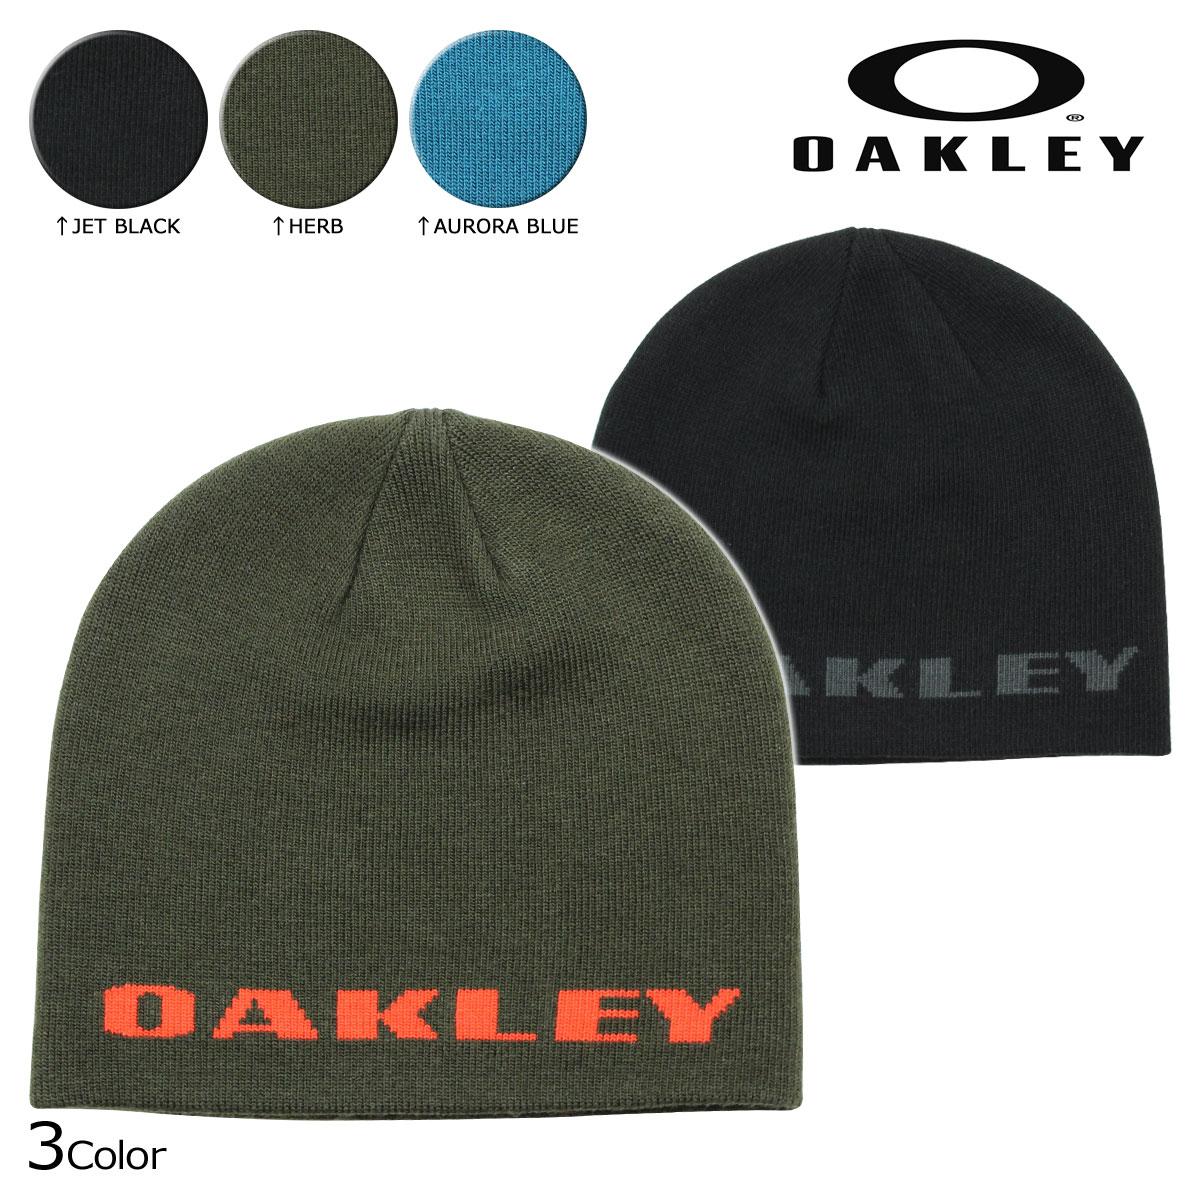 oakley beanie